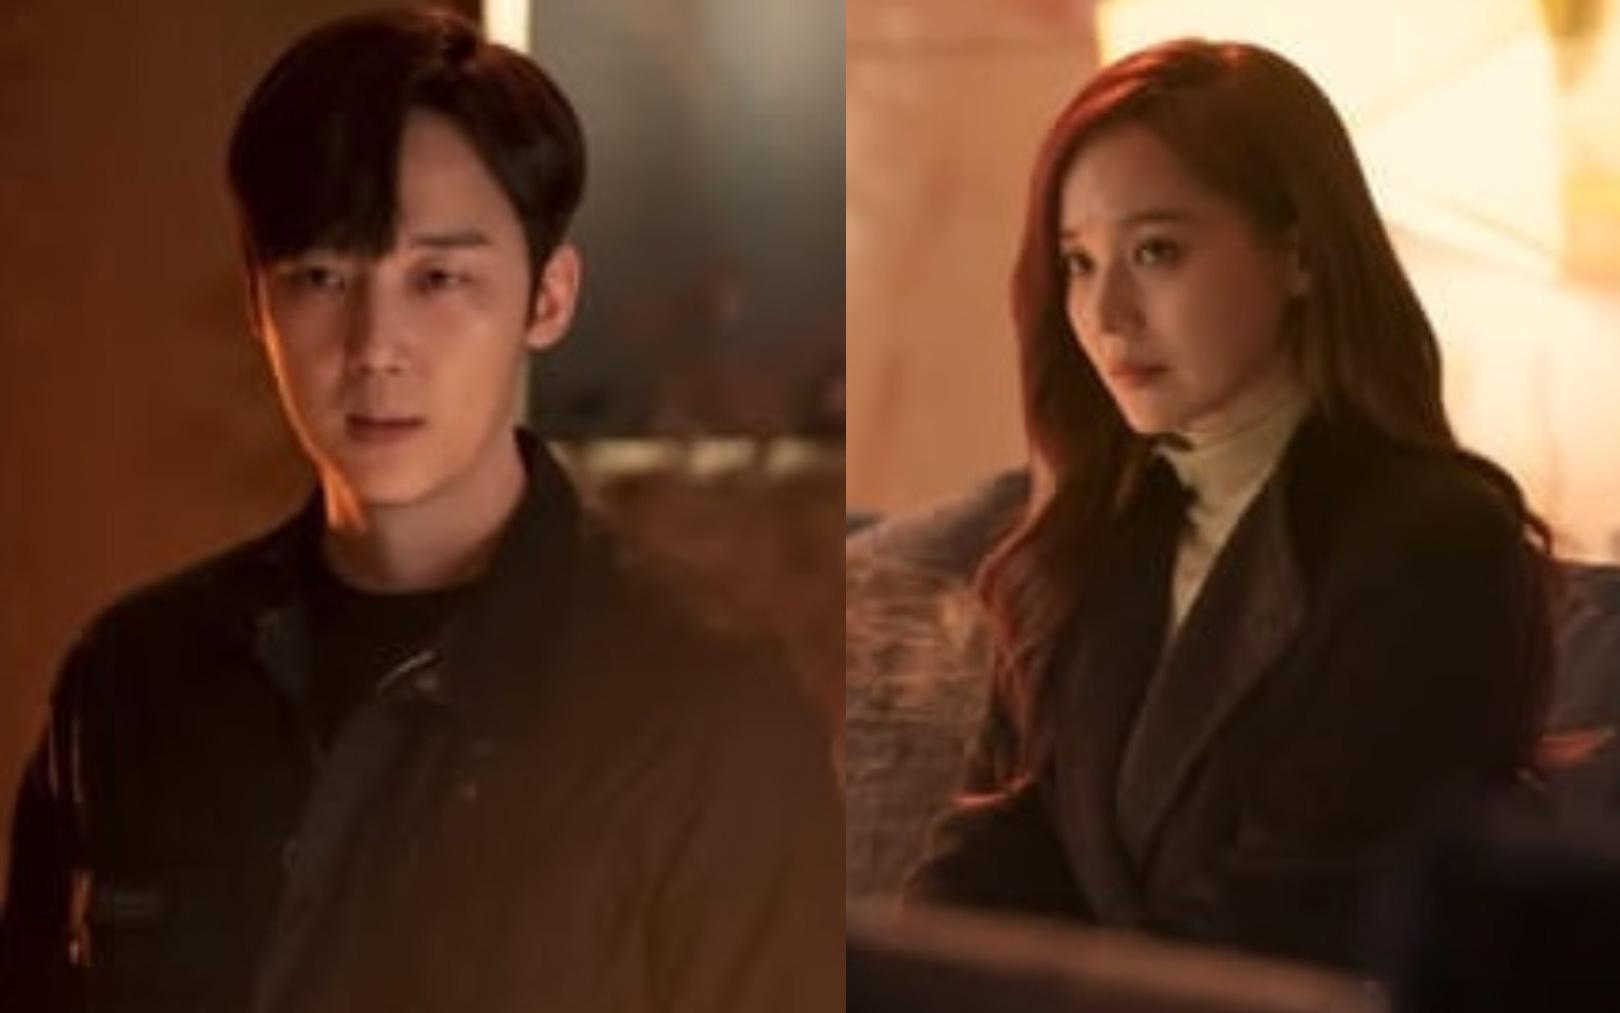 """Cuộc chiến thượng lưu tập 5: Ha Yoon Cheol bất ngờ trở mặt với Oh Yoon Hee dù mới cưới, """"thuyền"""" 2Yoon """"toang""""?"""